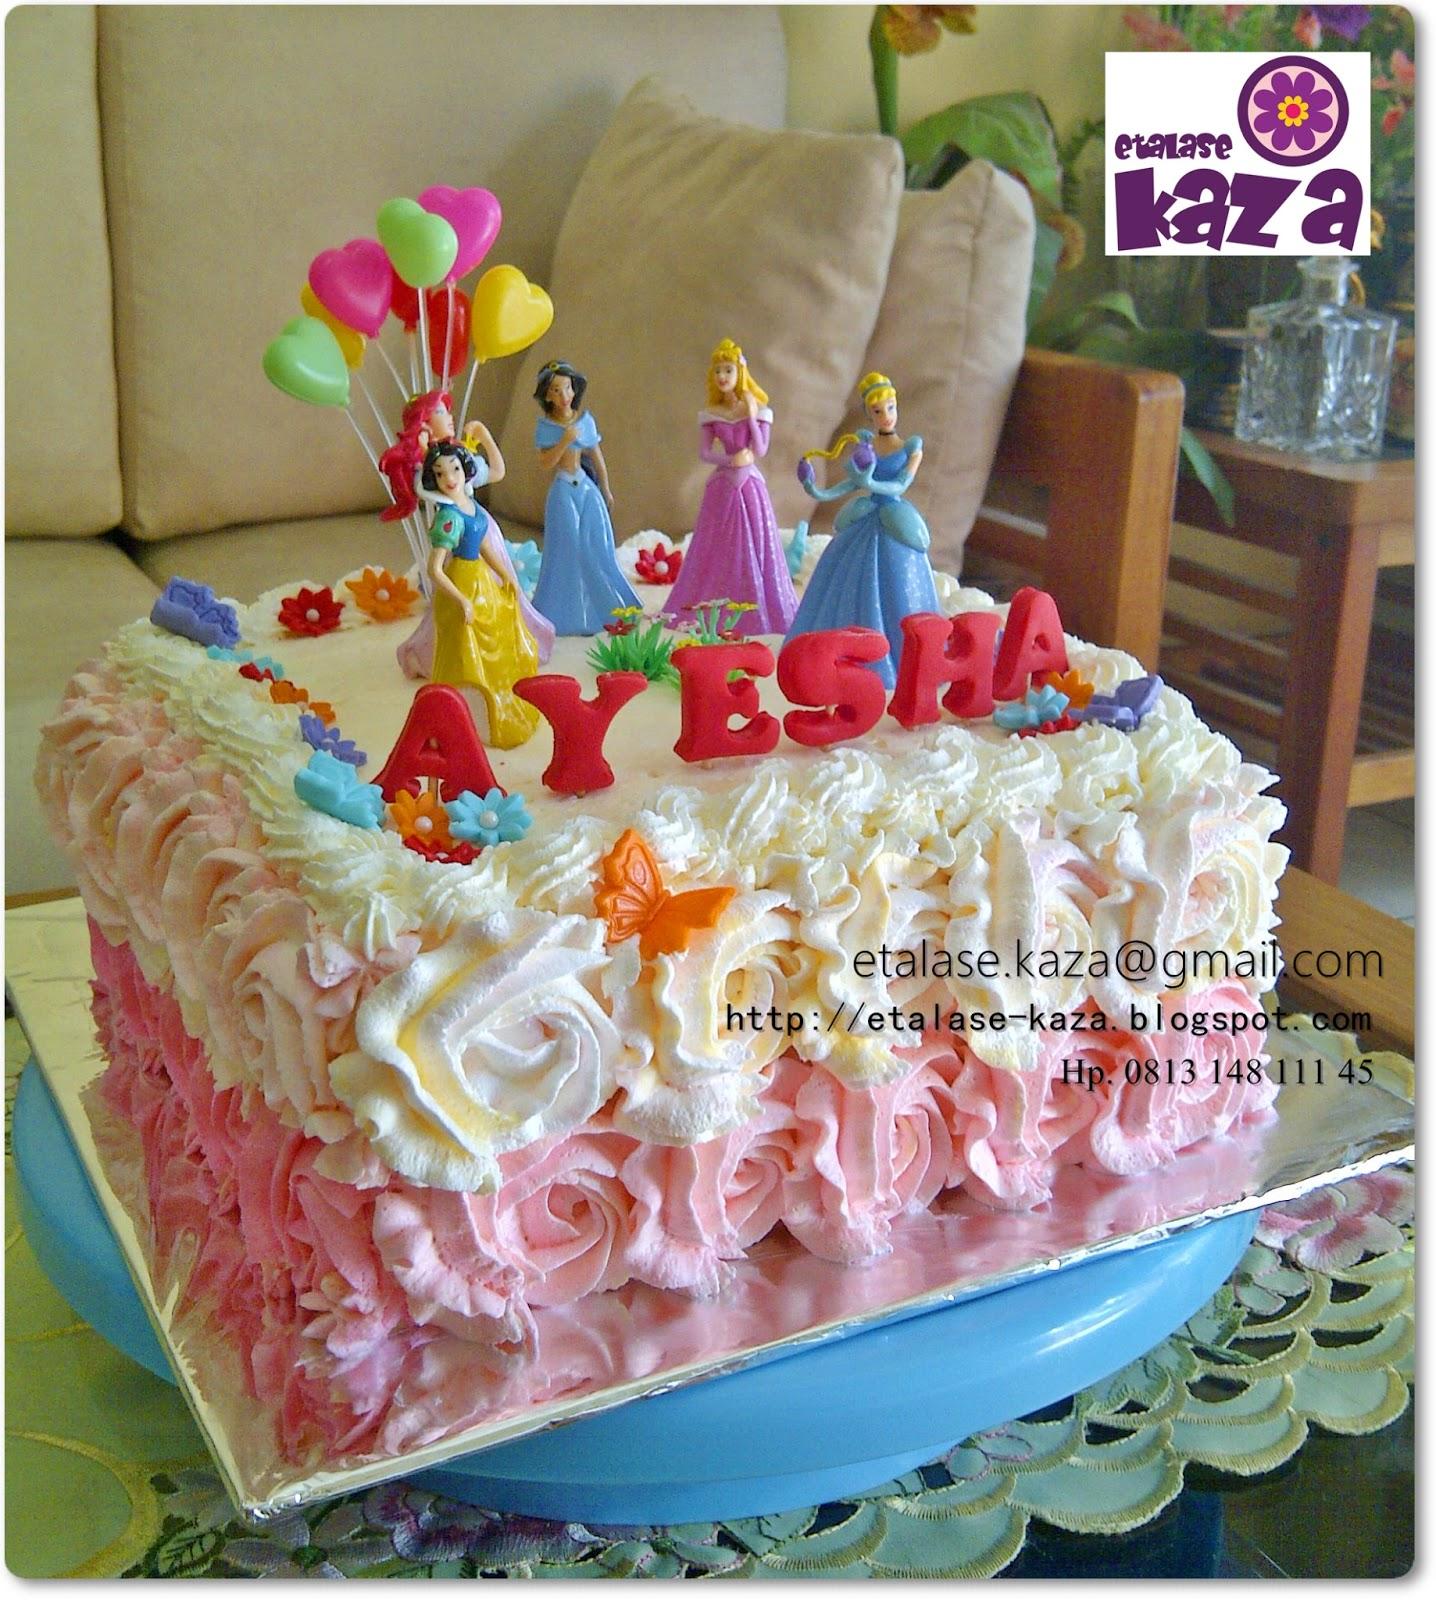 Birthday Cake Pics With Name Ayesha : Etalase KAZA: Ayesha Birthday Cake